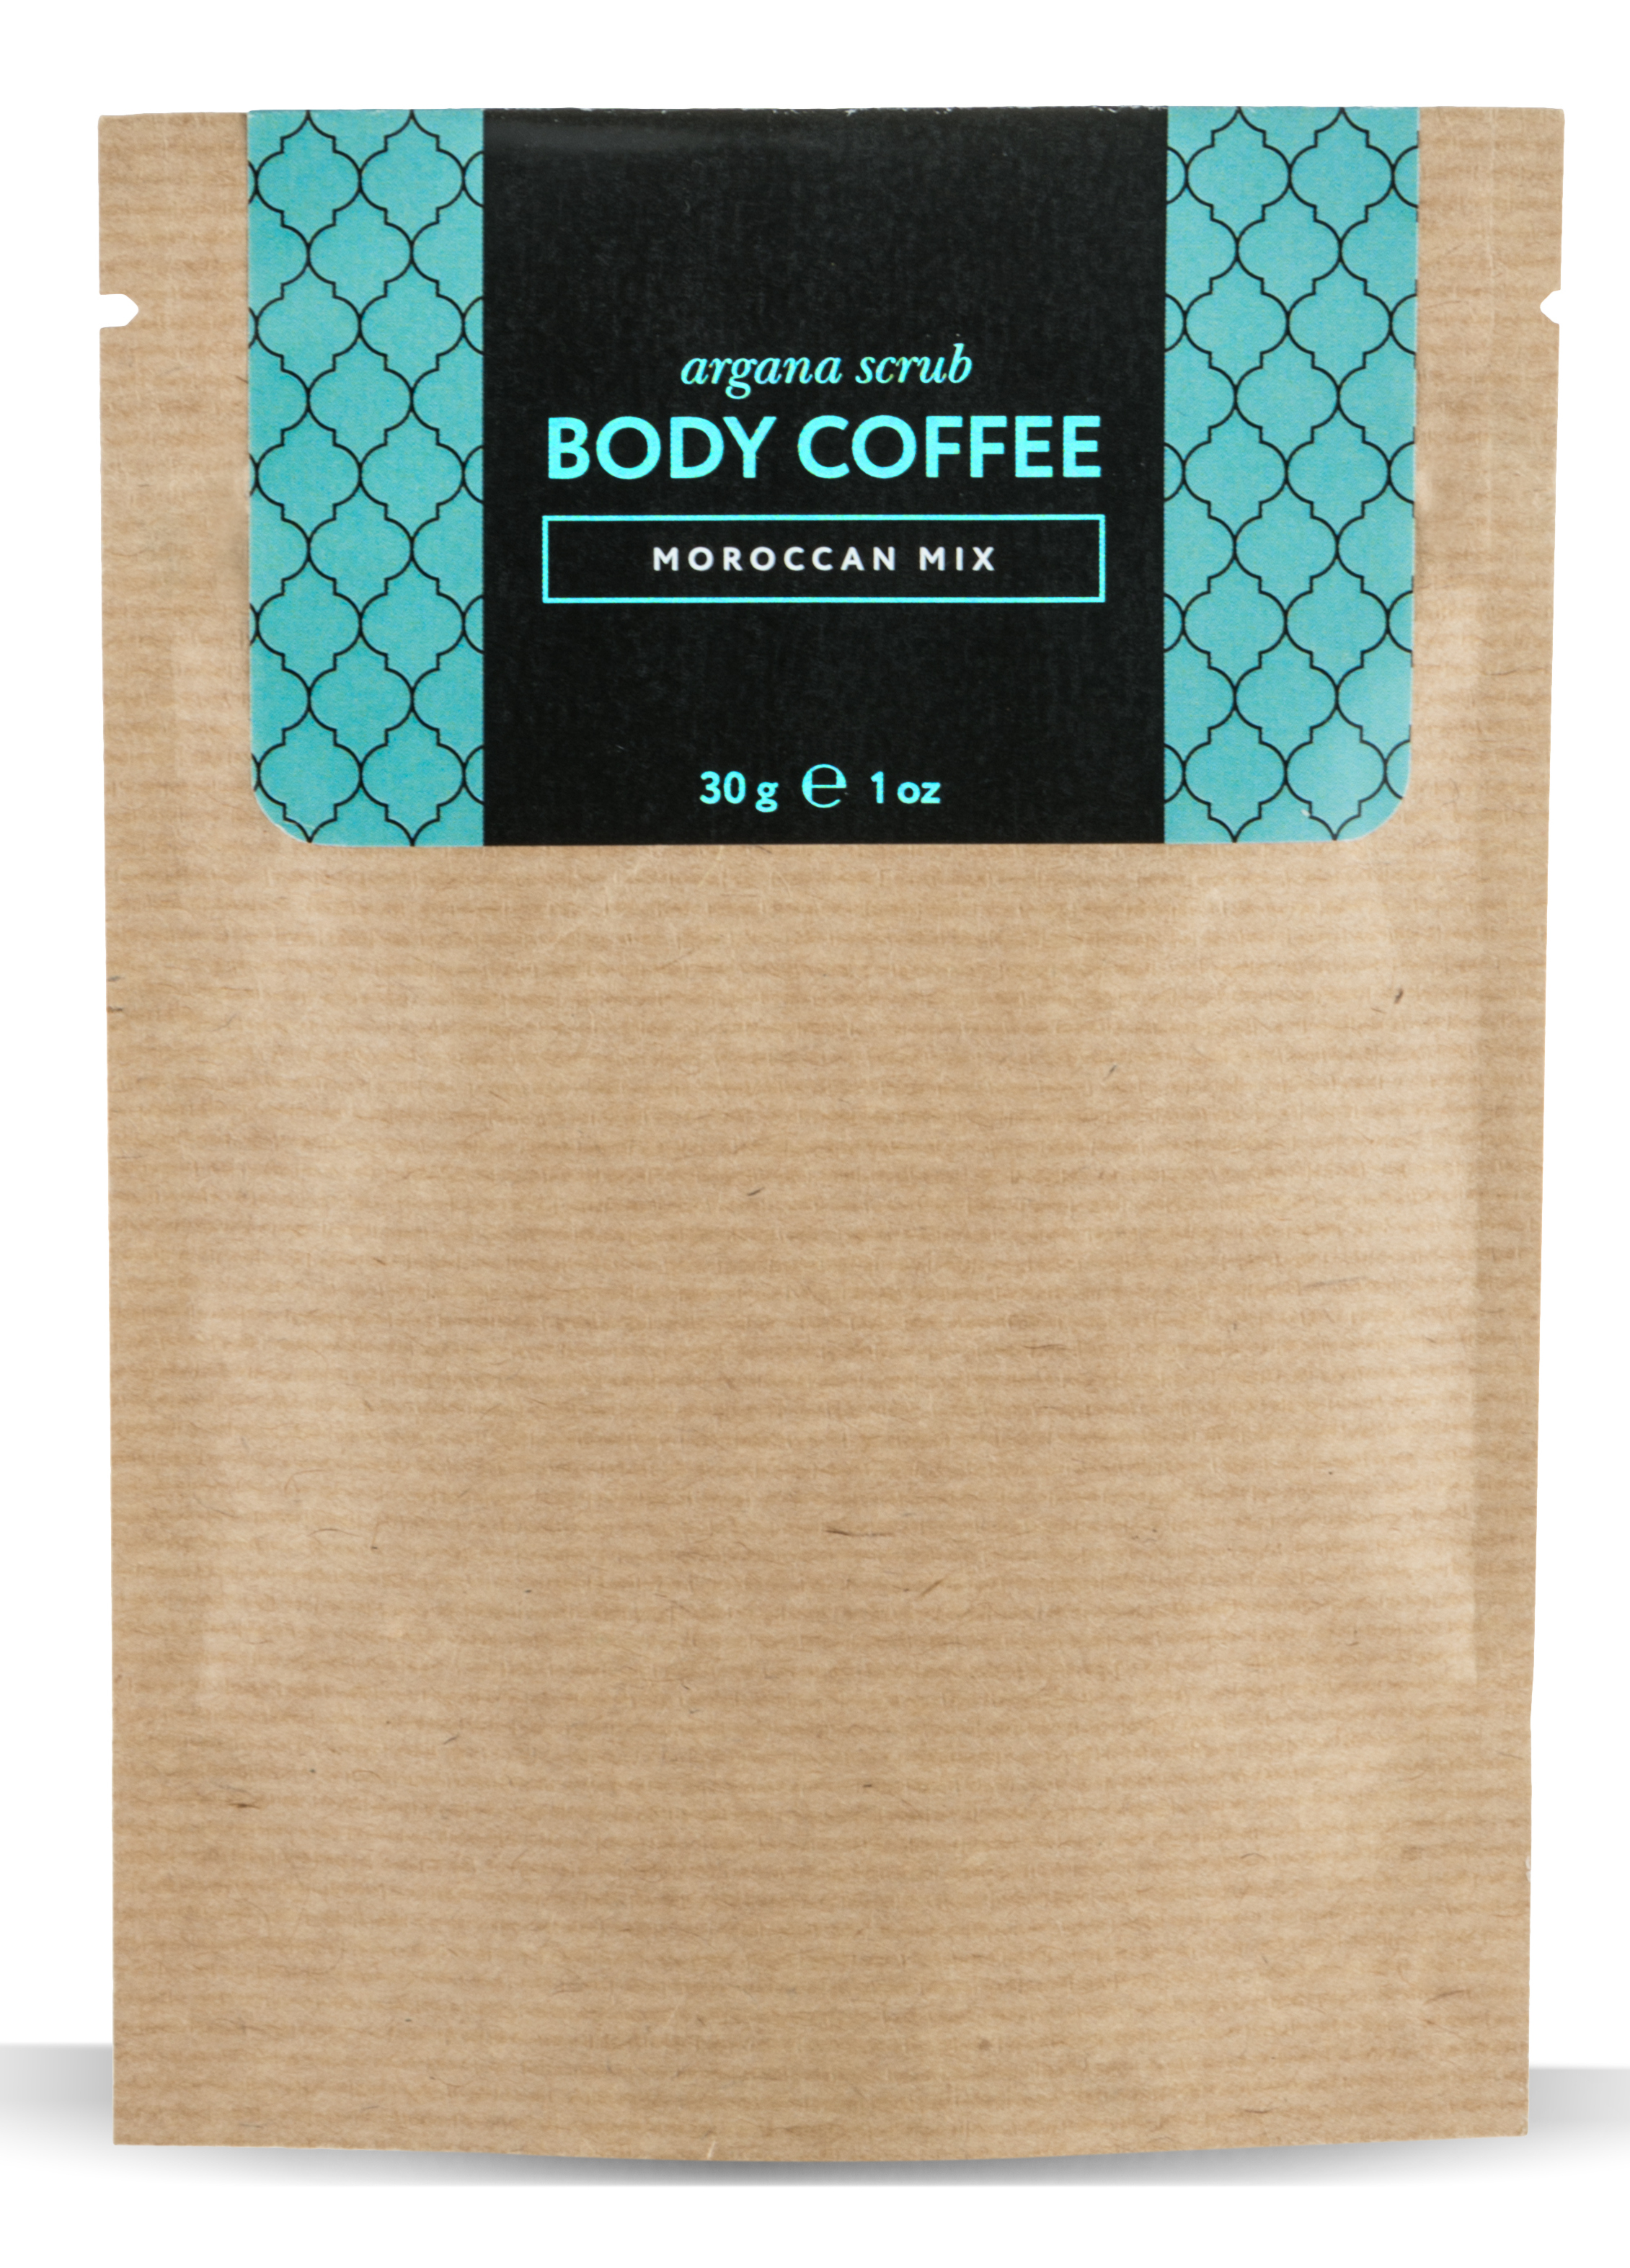 HUILARGAN Скраб аргановый кофейный для тела, марокканский микс 30 г